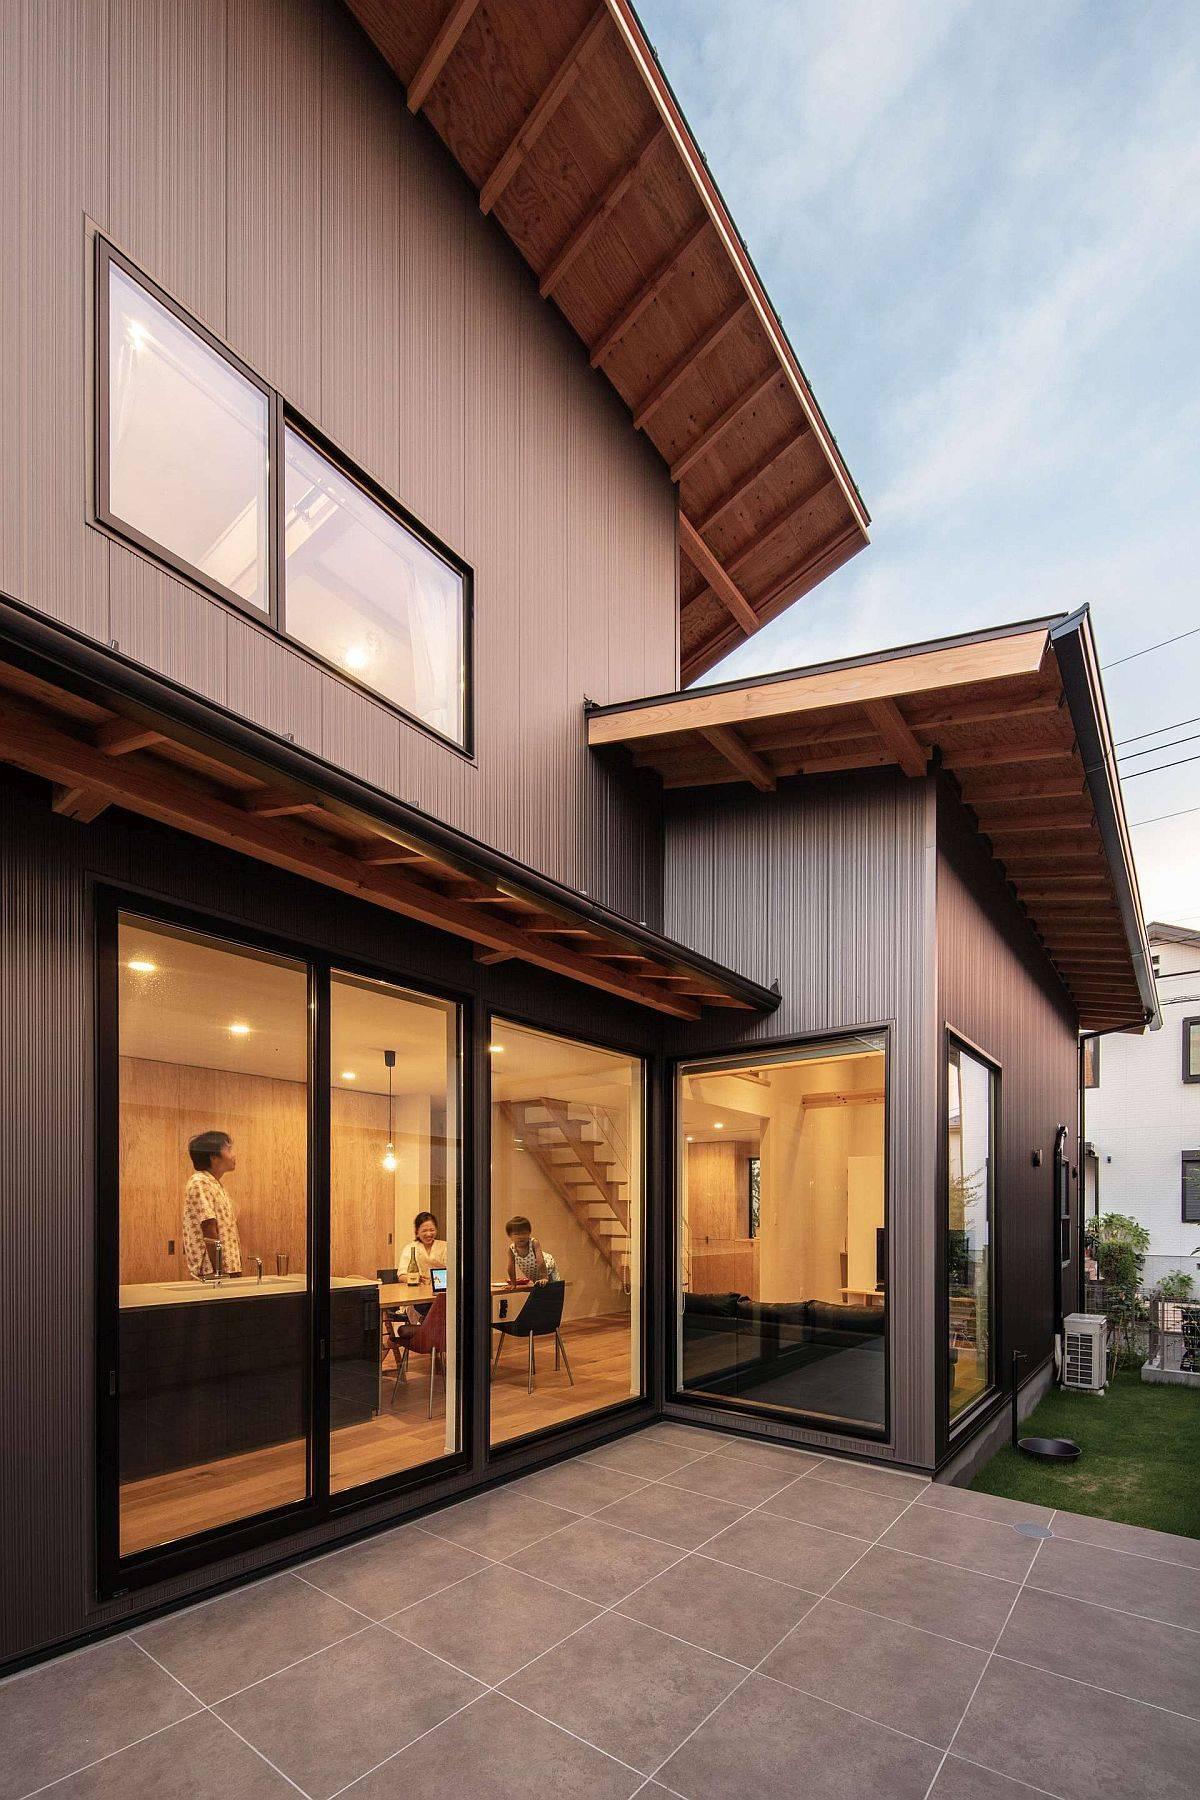 Portes-coulissantes-en-verre-de-la-maison-connecte-la-cuisine-et-salon-avec-l-exterieur-20780